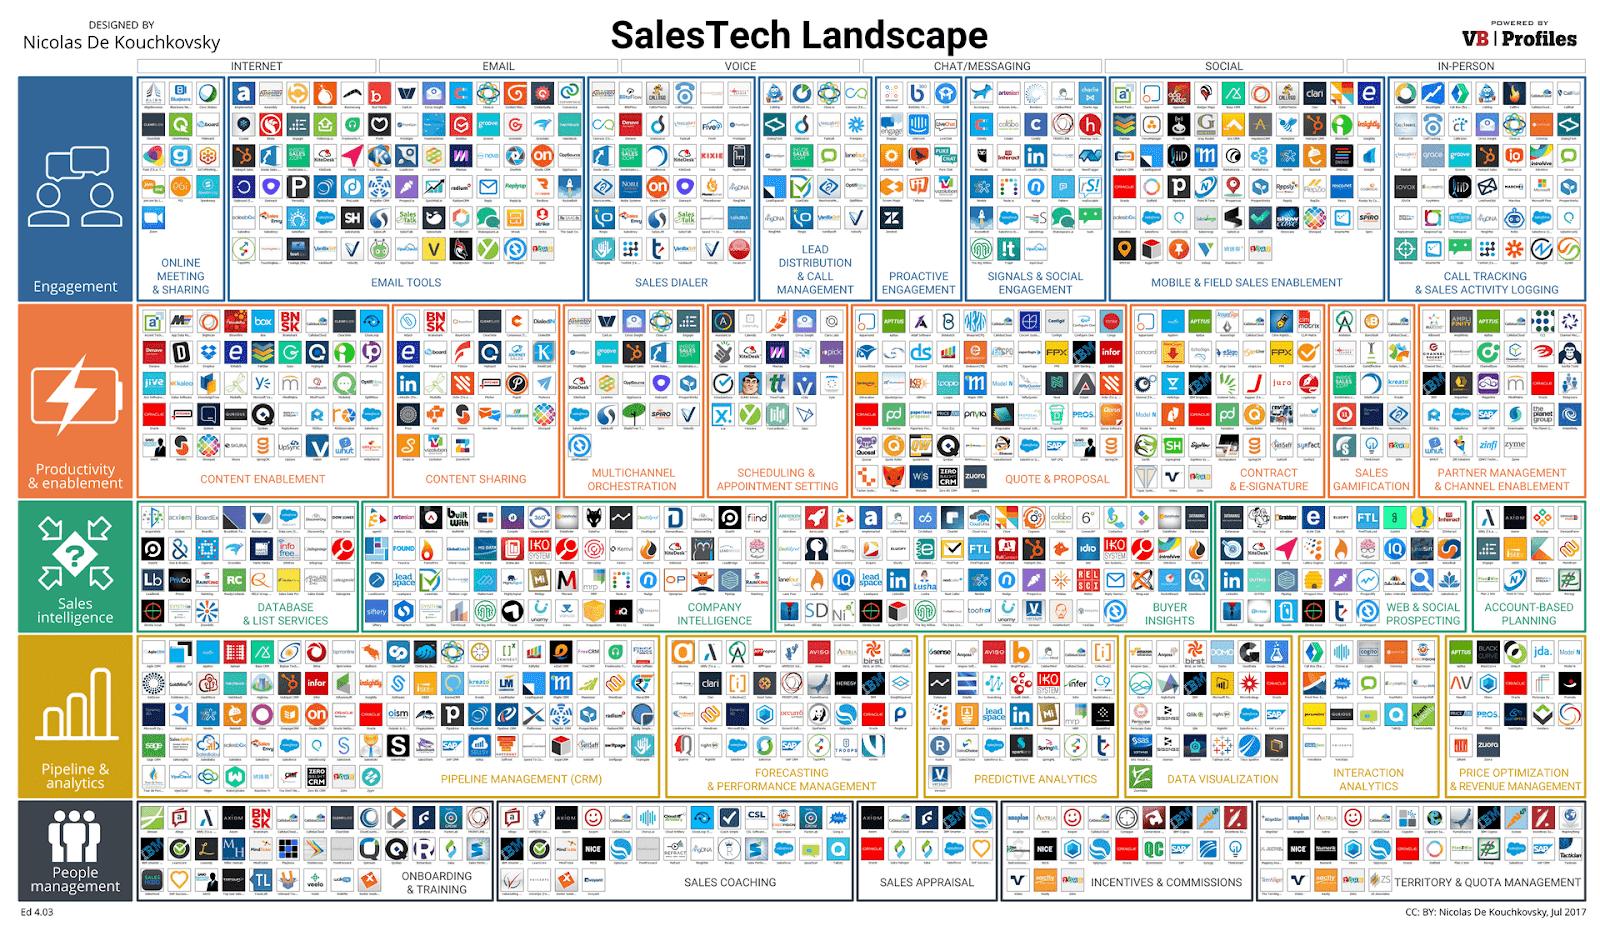 VB Profiles Sales Tech Landscape